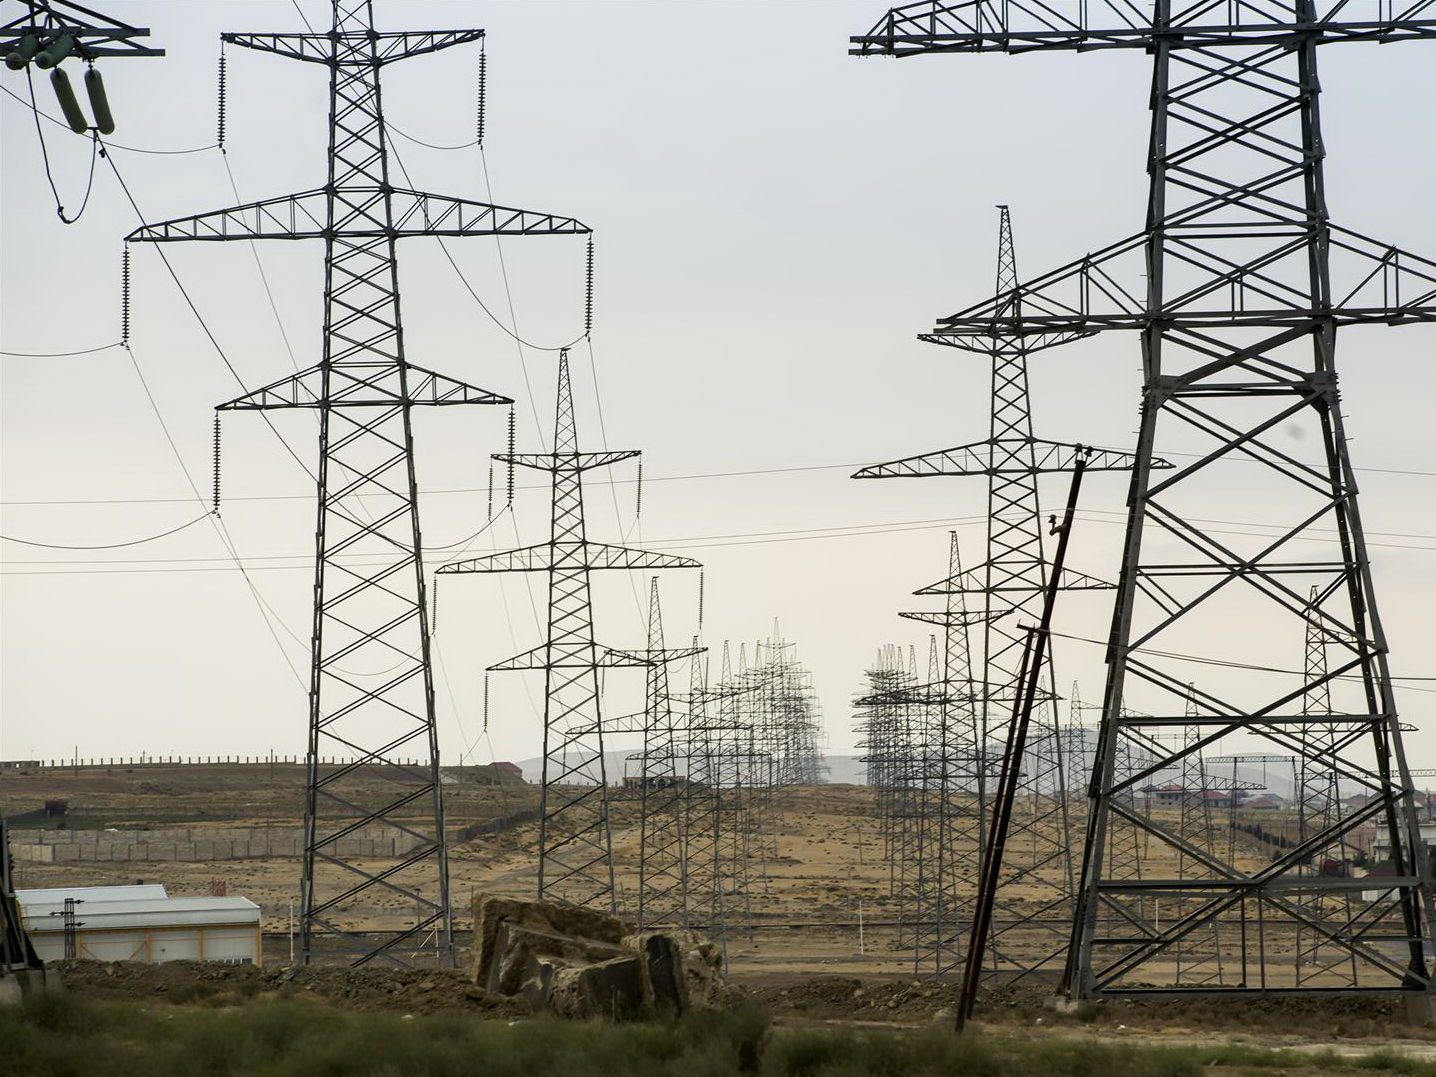 Азербайджан разрабатывает Энергетическую стратегию и закон об энергоэффективности: В чем суть? – ФОТО